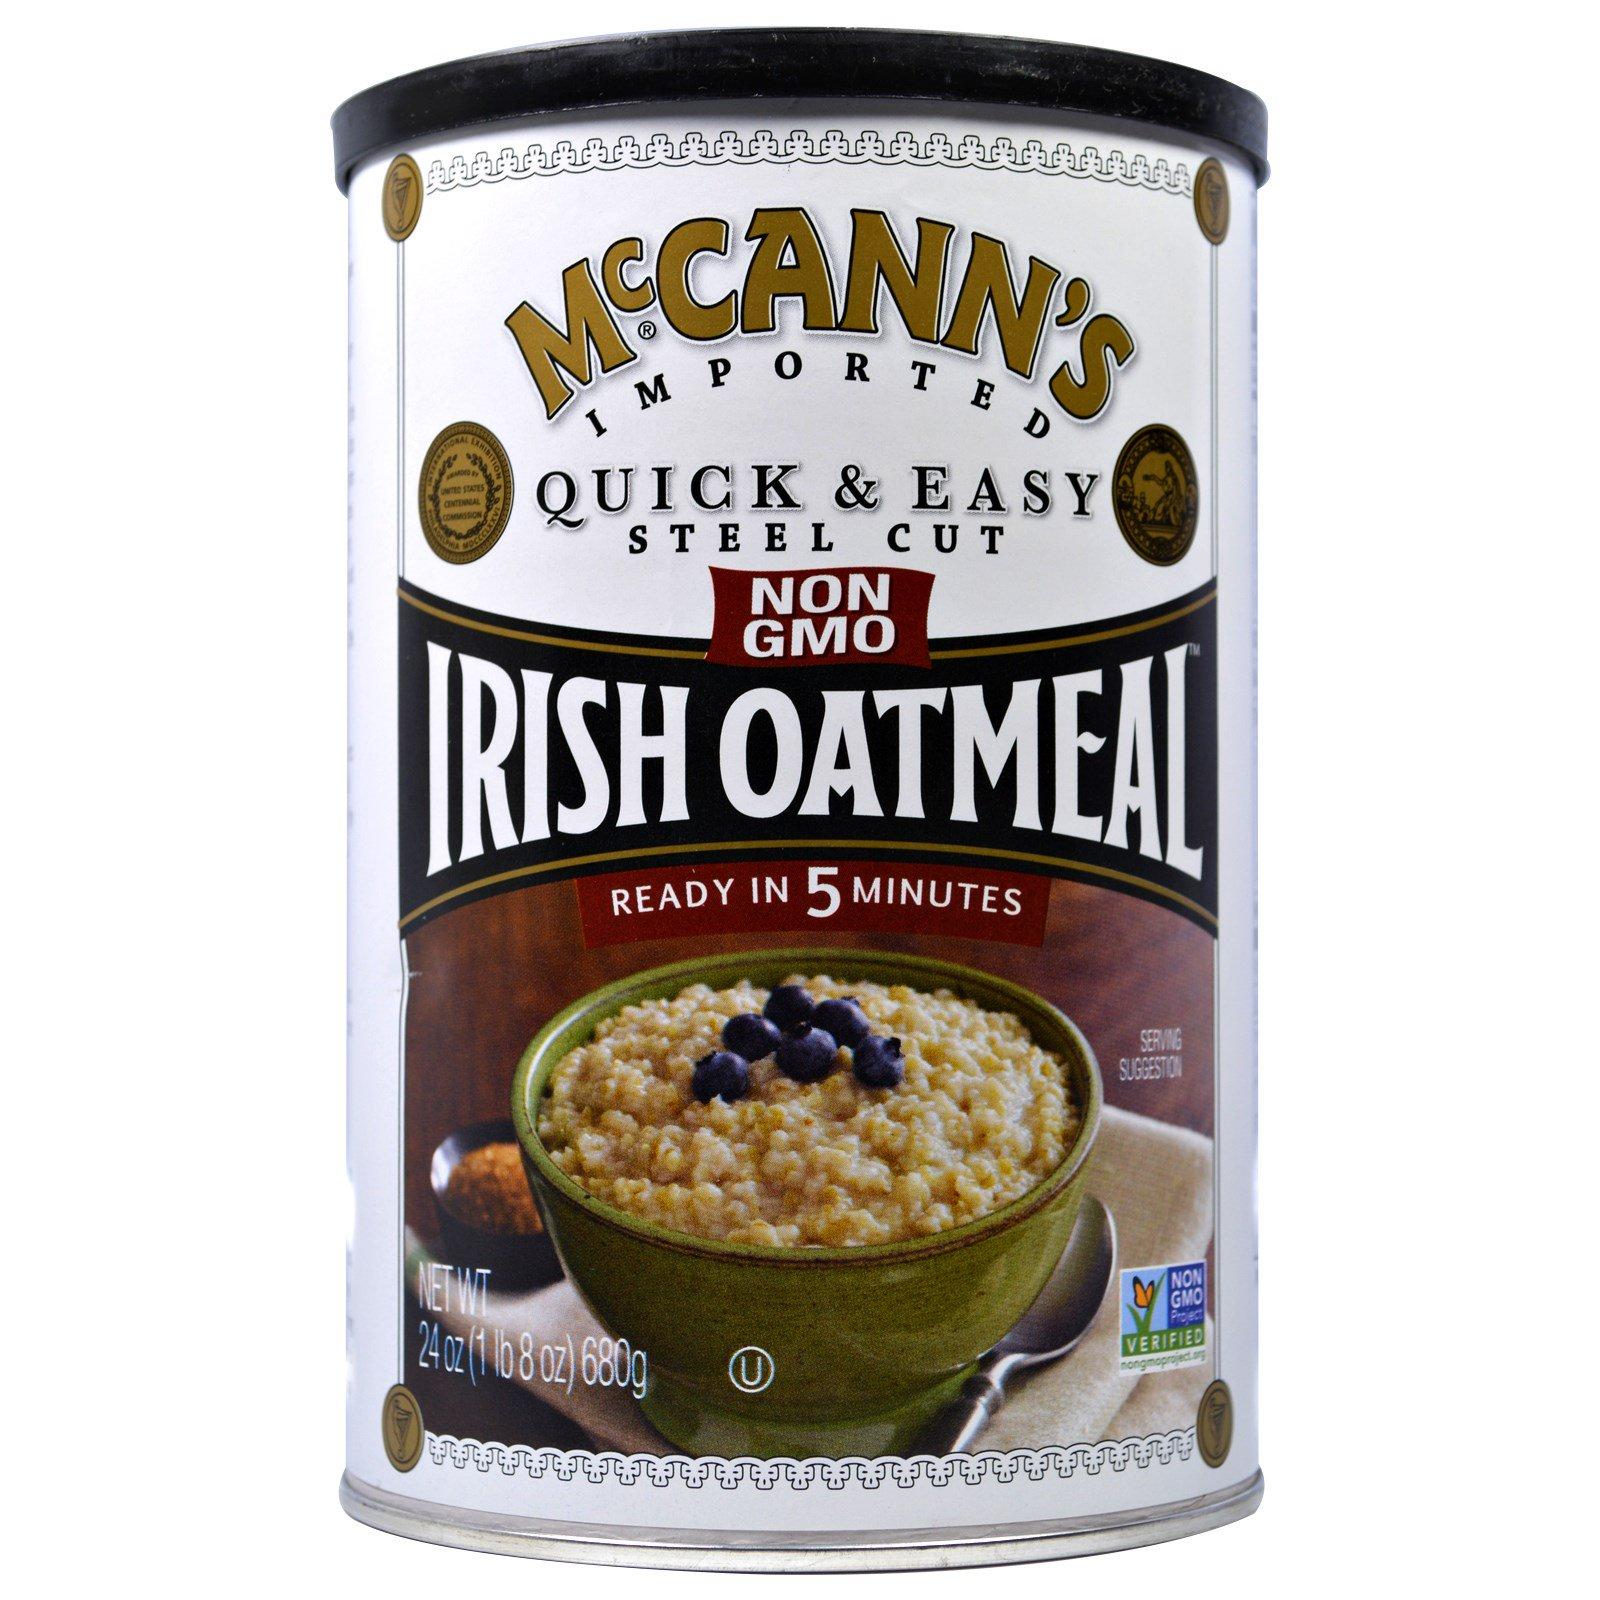 McCann's Irish Oatmeal, Быстрая и легкая молотая ирландская овсянка, 24 унции (680 г)